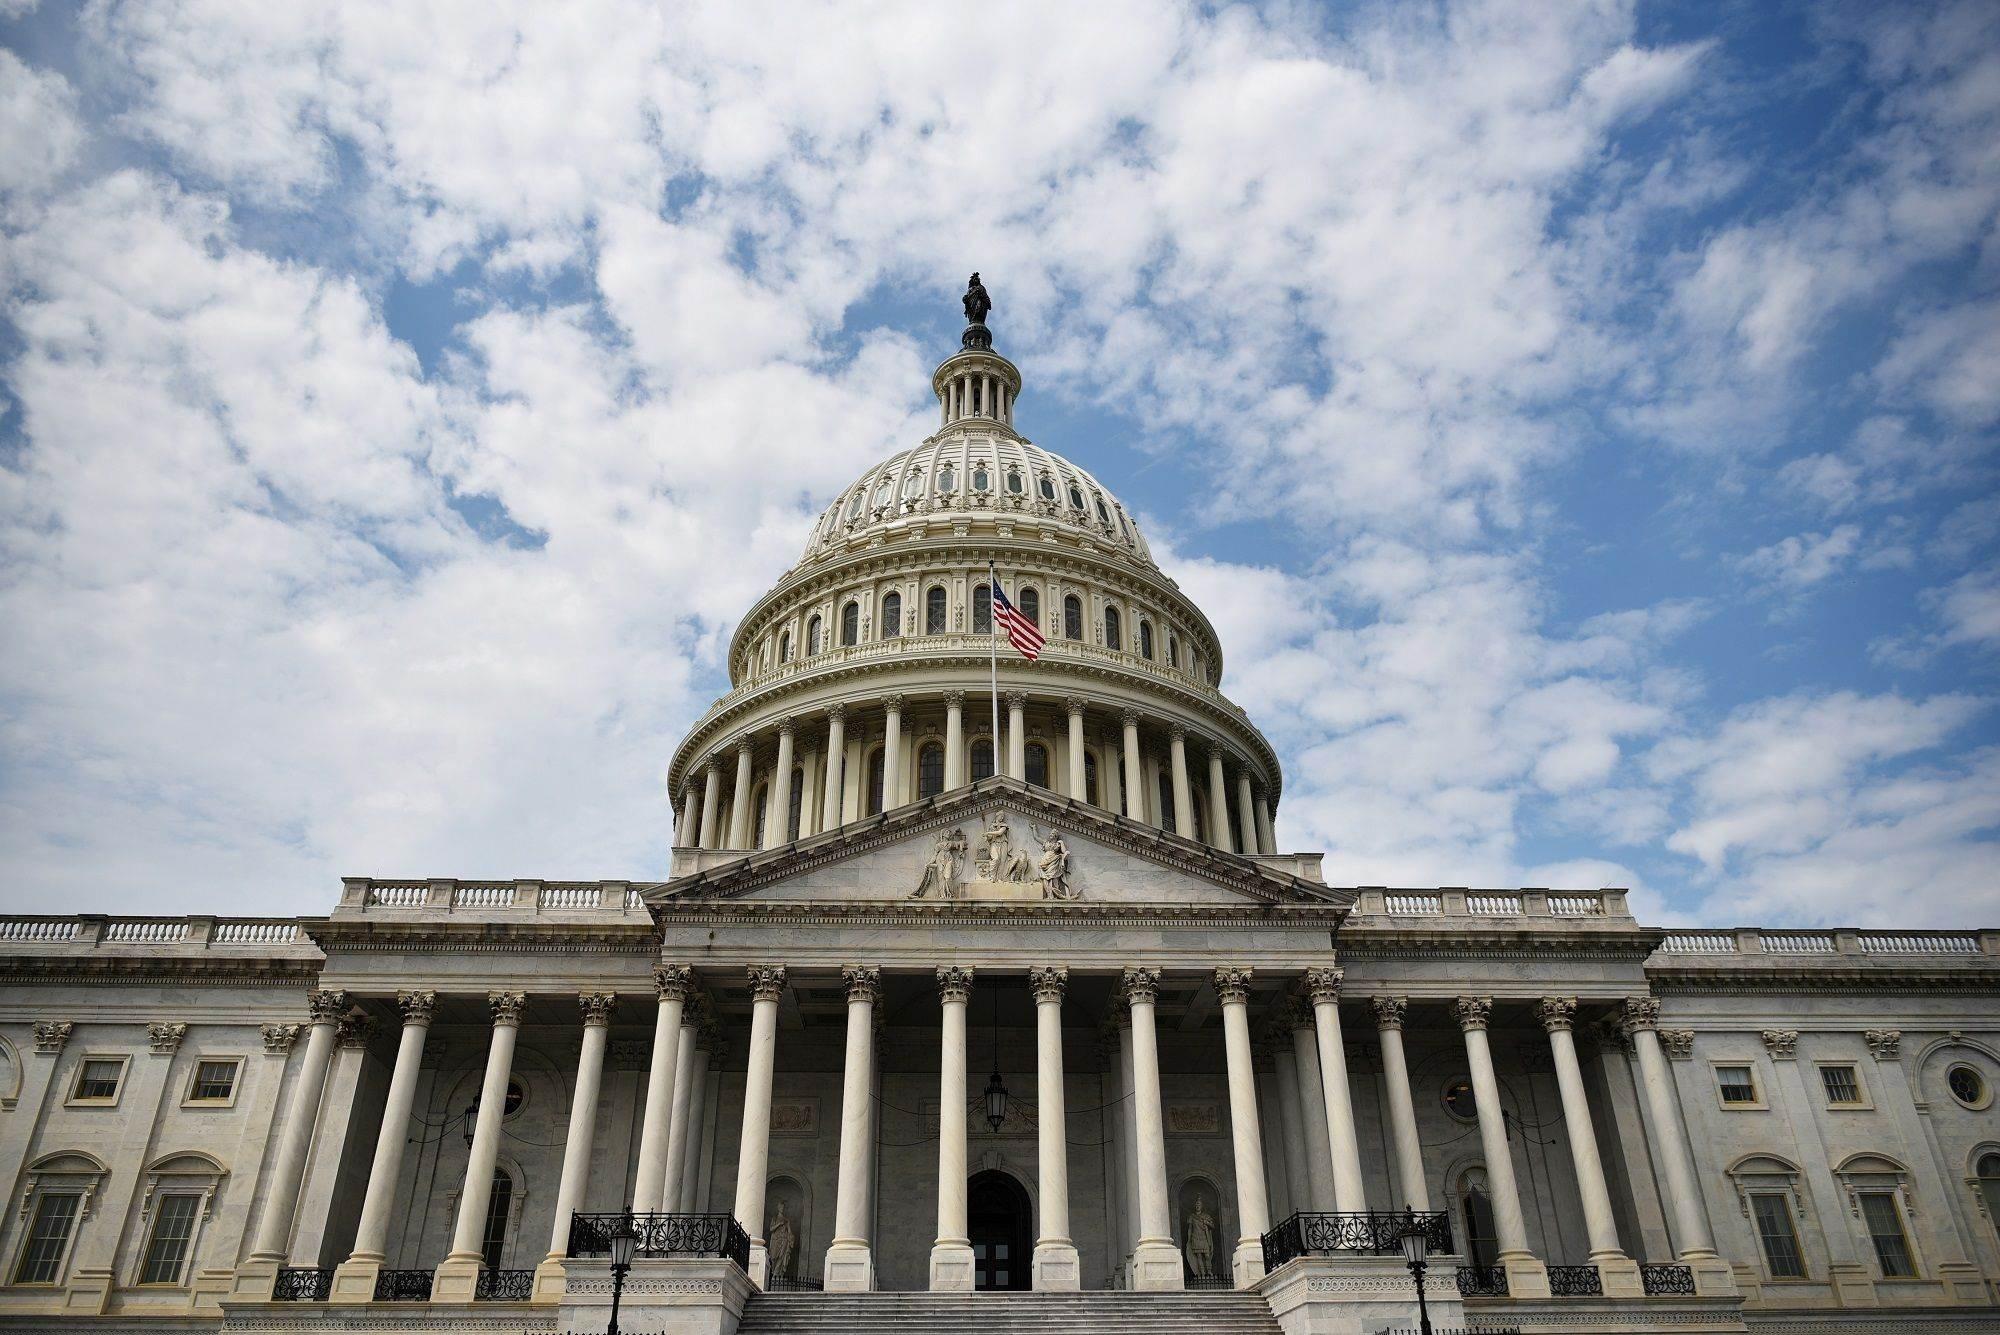 مجلس الشيوخ الأميركي يقرّ حزمة مساعدات طارئة للشركات الصغيرة